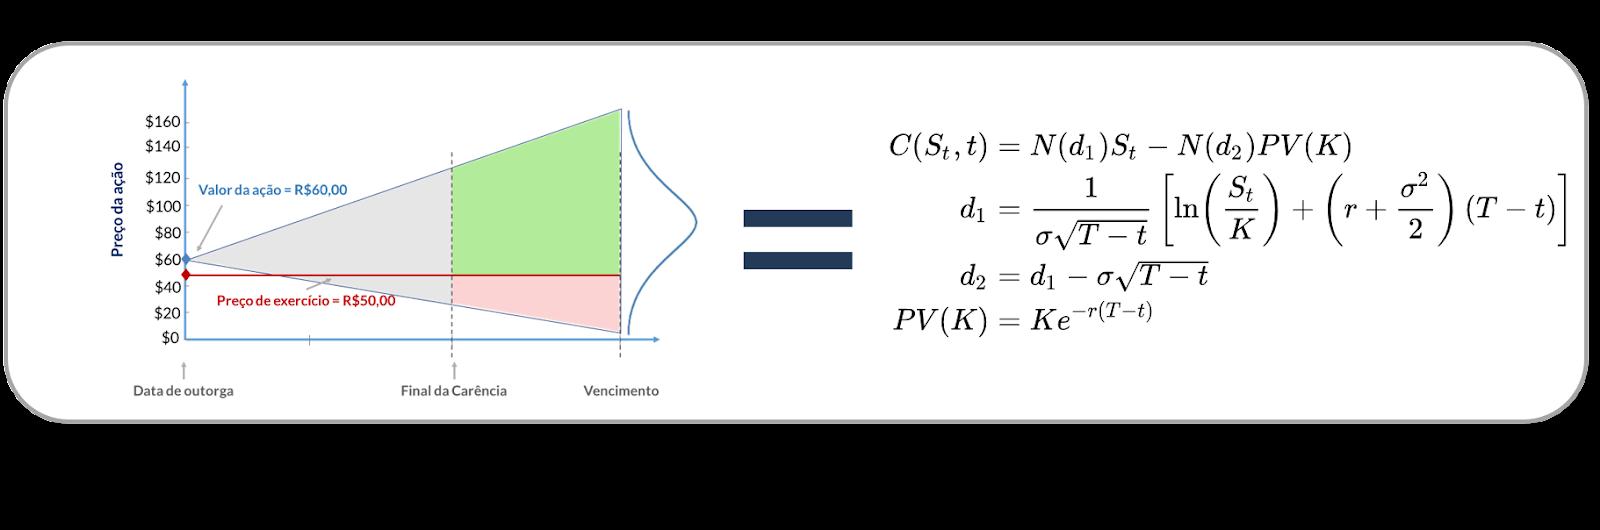 Fórmula do Modelo Black-Scholes